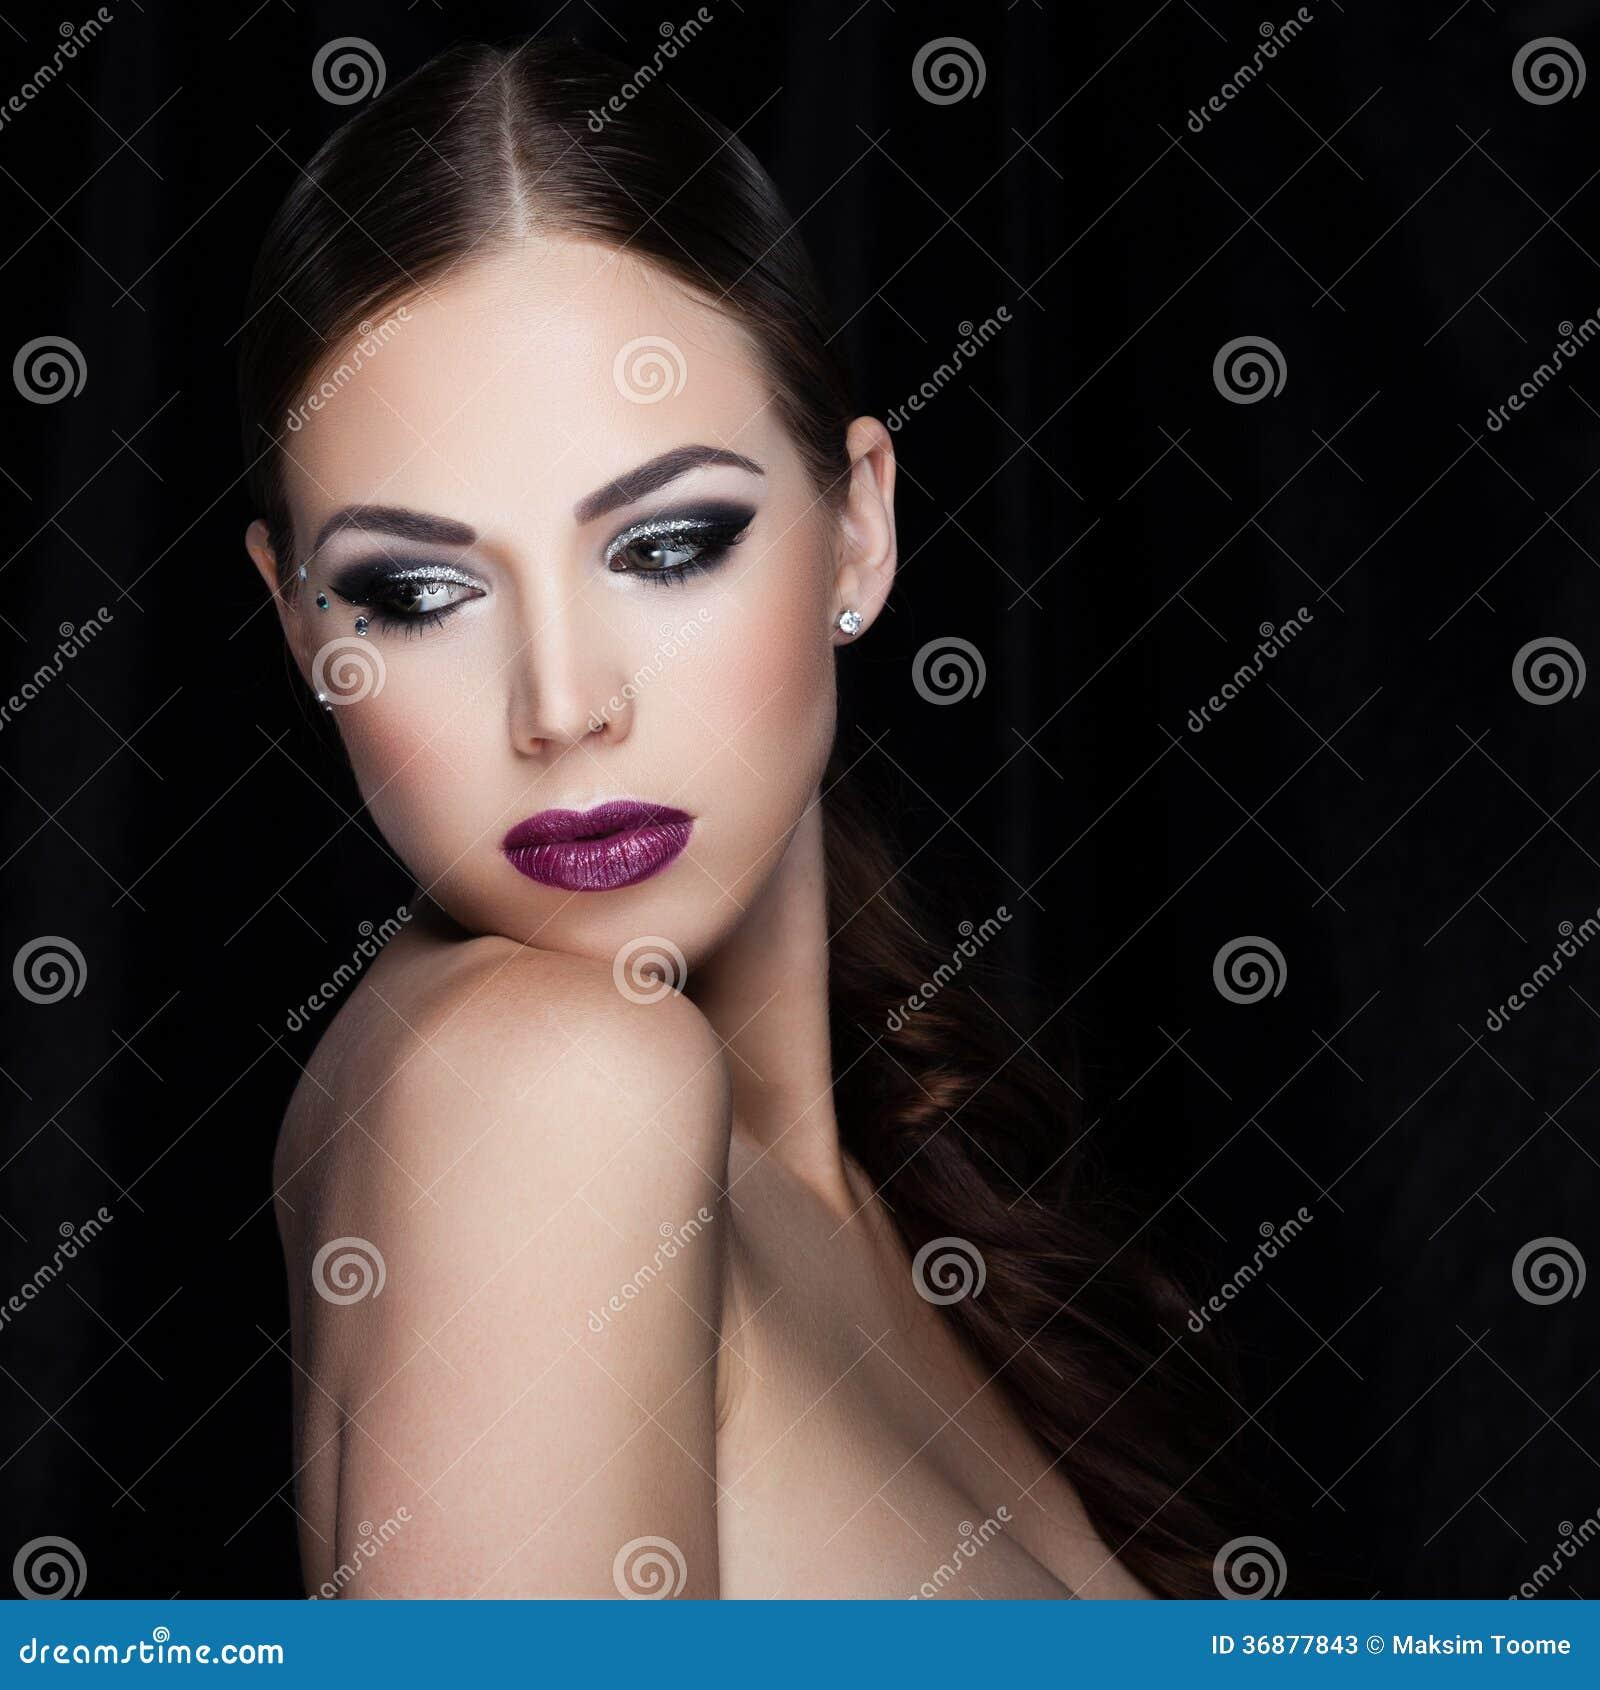 Download Bellezza sul nero immagine stock. Immagine di modo, closeup - 36877843